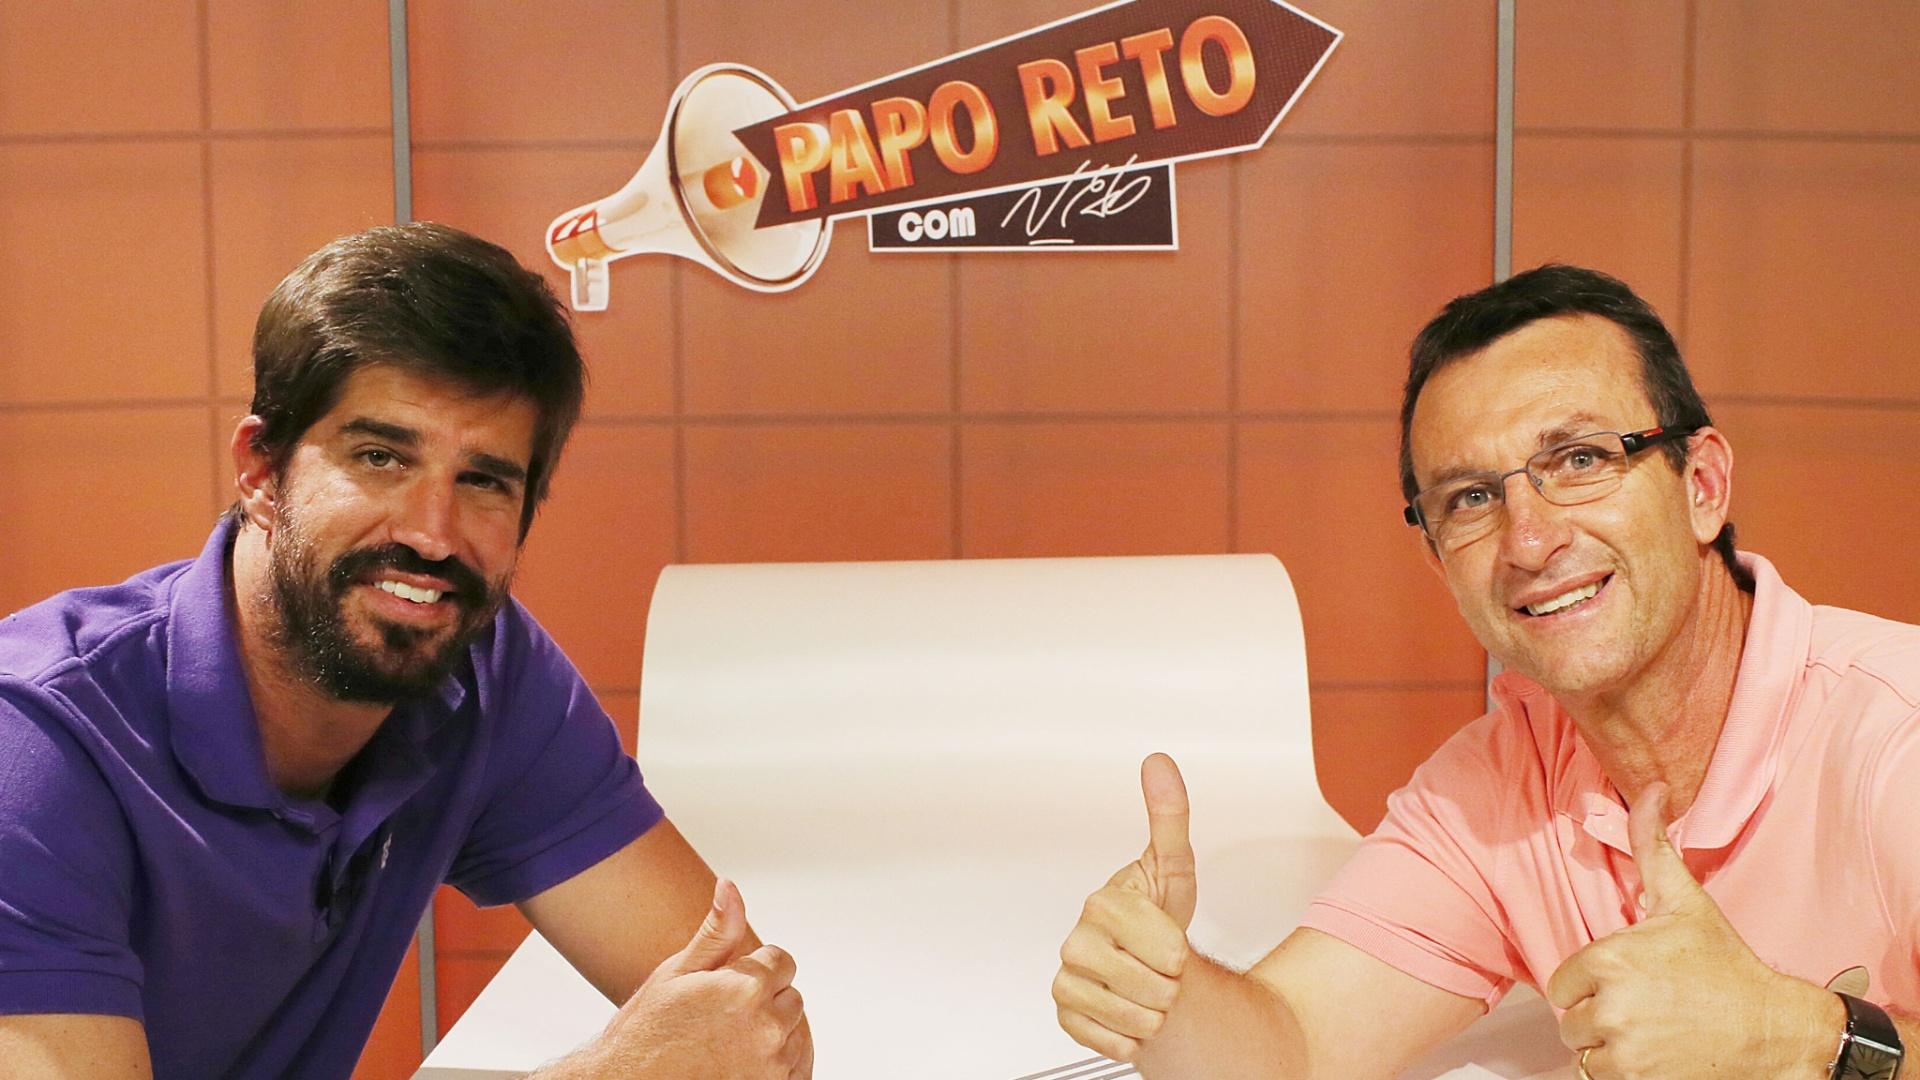 Ex-tenista Flávio Saretta é entrevistado por Neto no programa